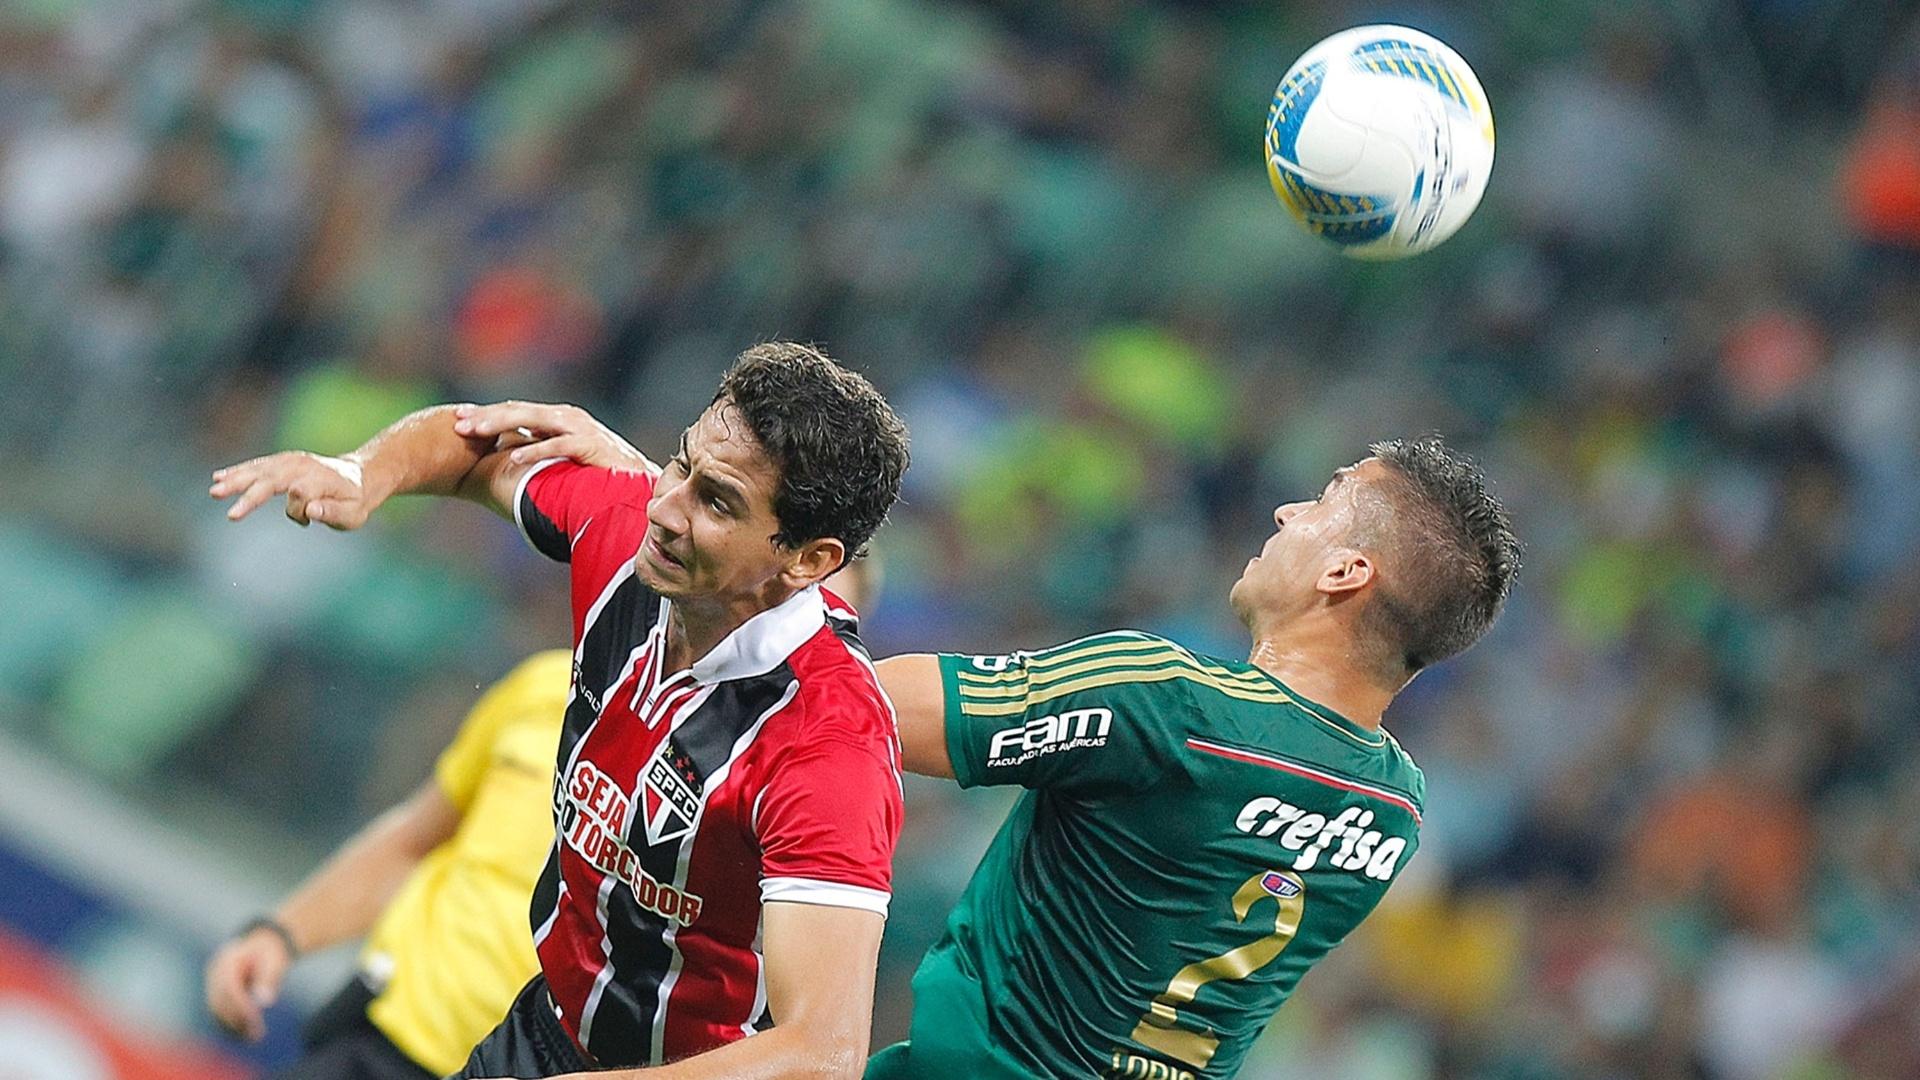 Ganso e Tobio em ação durante o clássico Palmeiras e São Paulo, pelo Campeonato Paulista